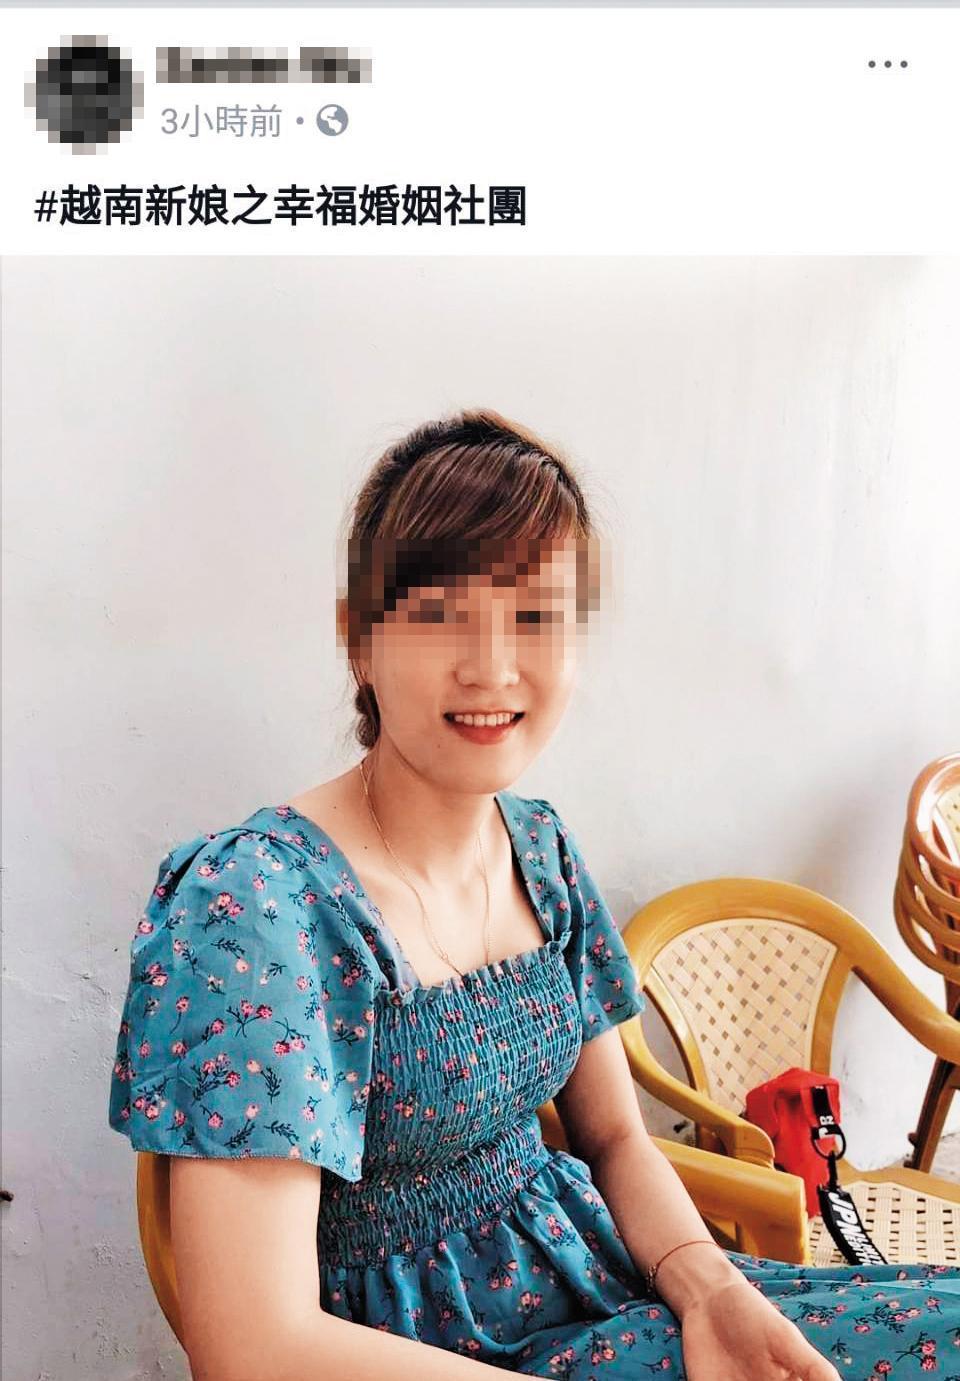 婚媒集團在臉書社團放上越南女子的照片,供單身男子挑選。(翻攝臉書)